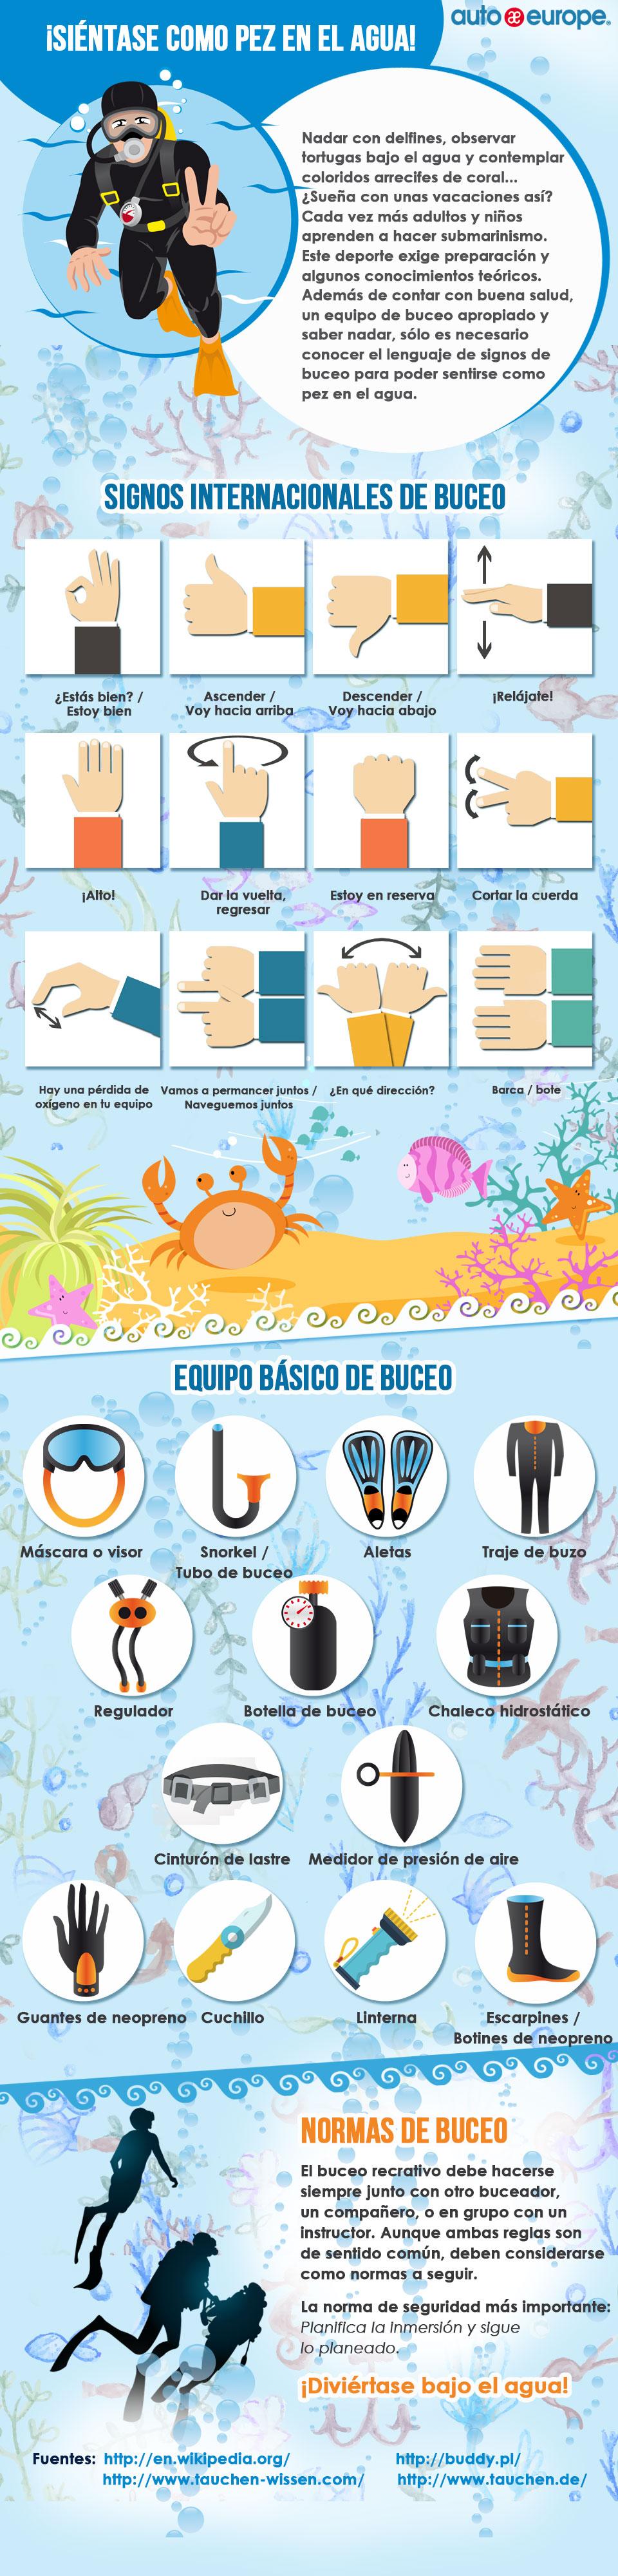 Infografía - Bucear en vacaciones